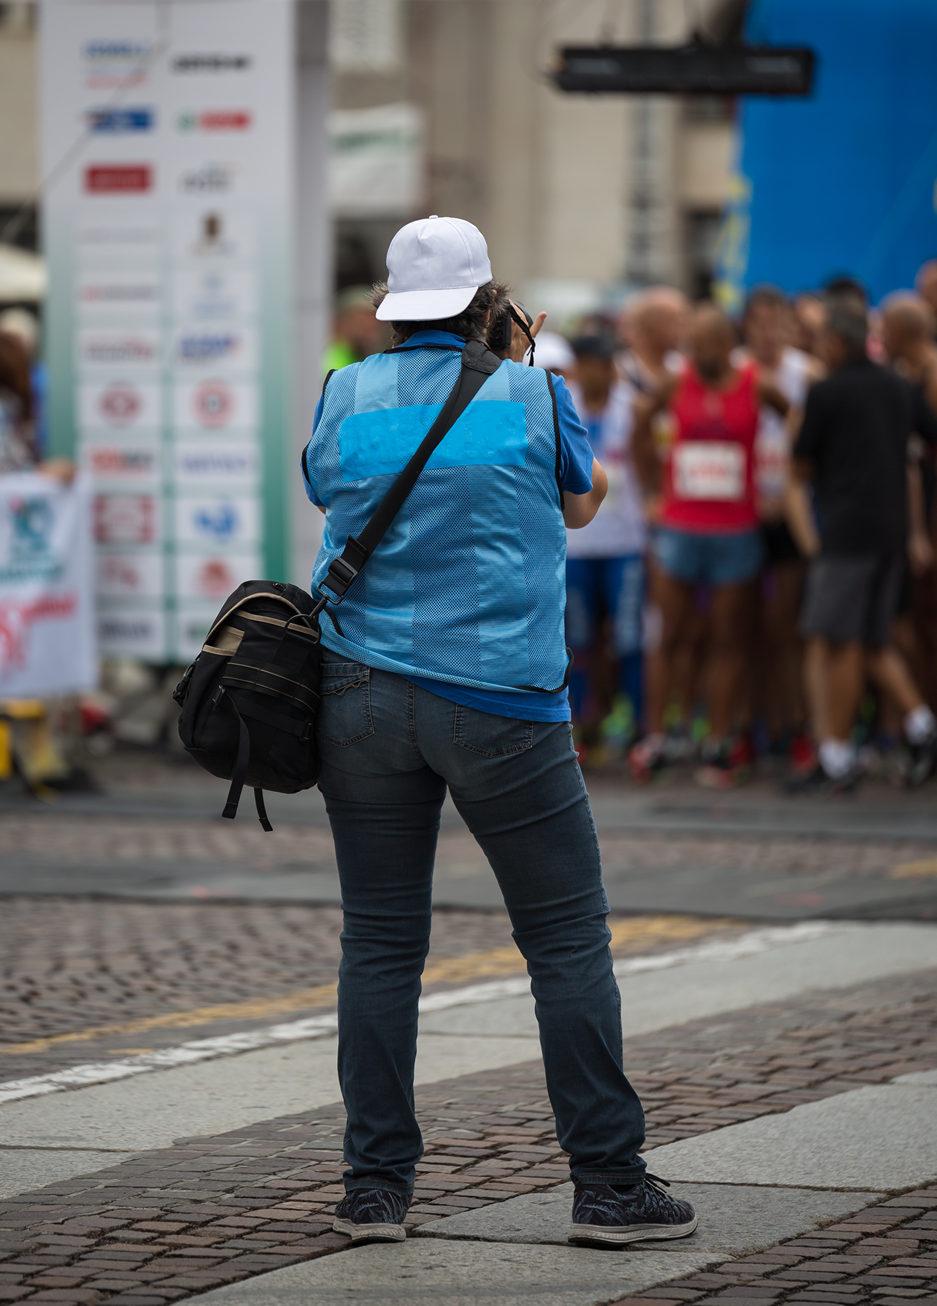 Выбор фототехники для съёмки спорта и репортажа